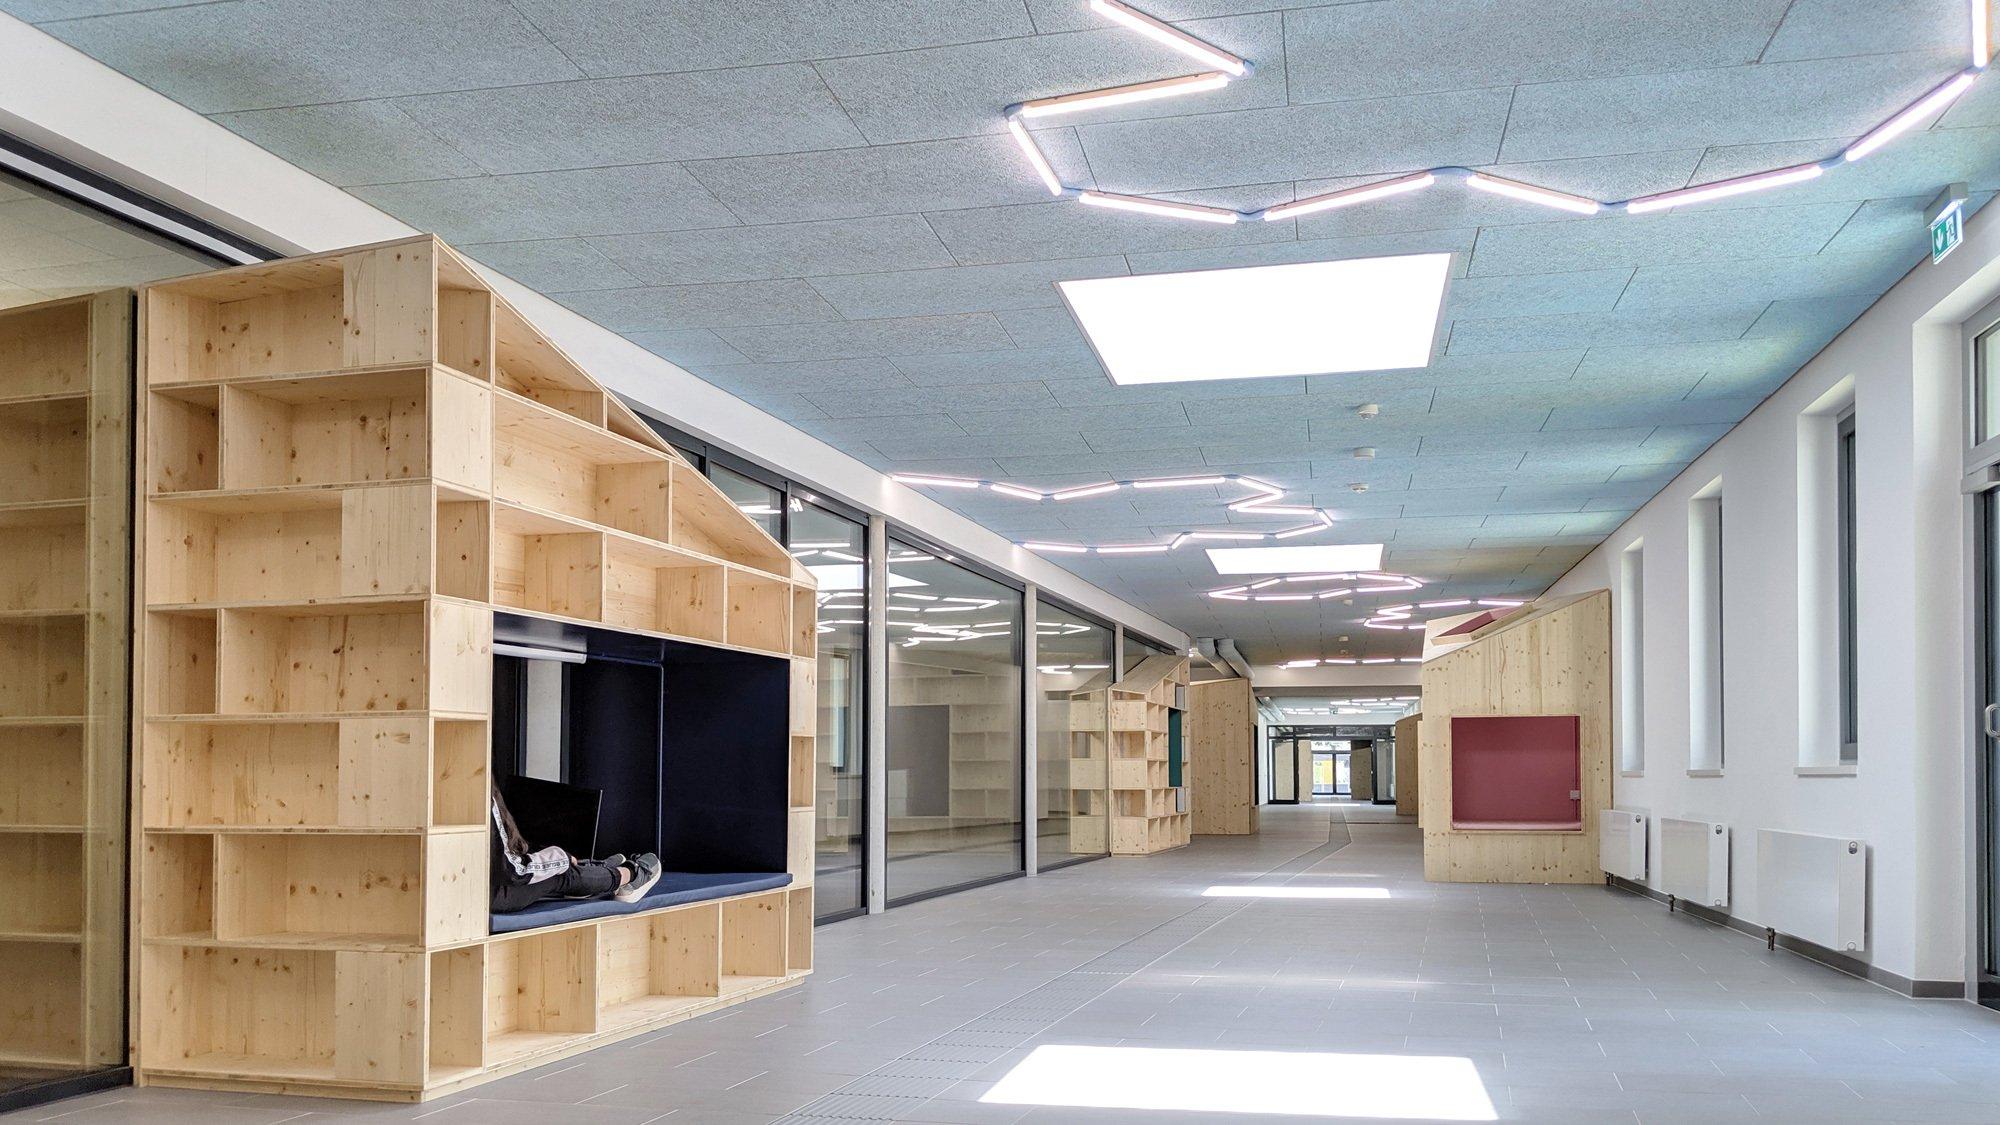 Gesamtschule Rheda-Wiedenbrück. Foto/ Copyright: Sigurd Larsen Design & Architecture